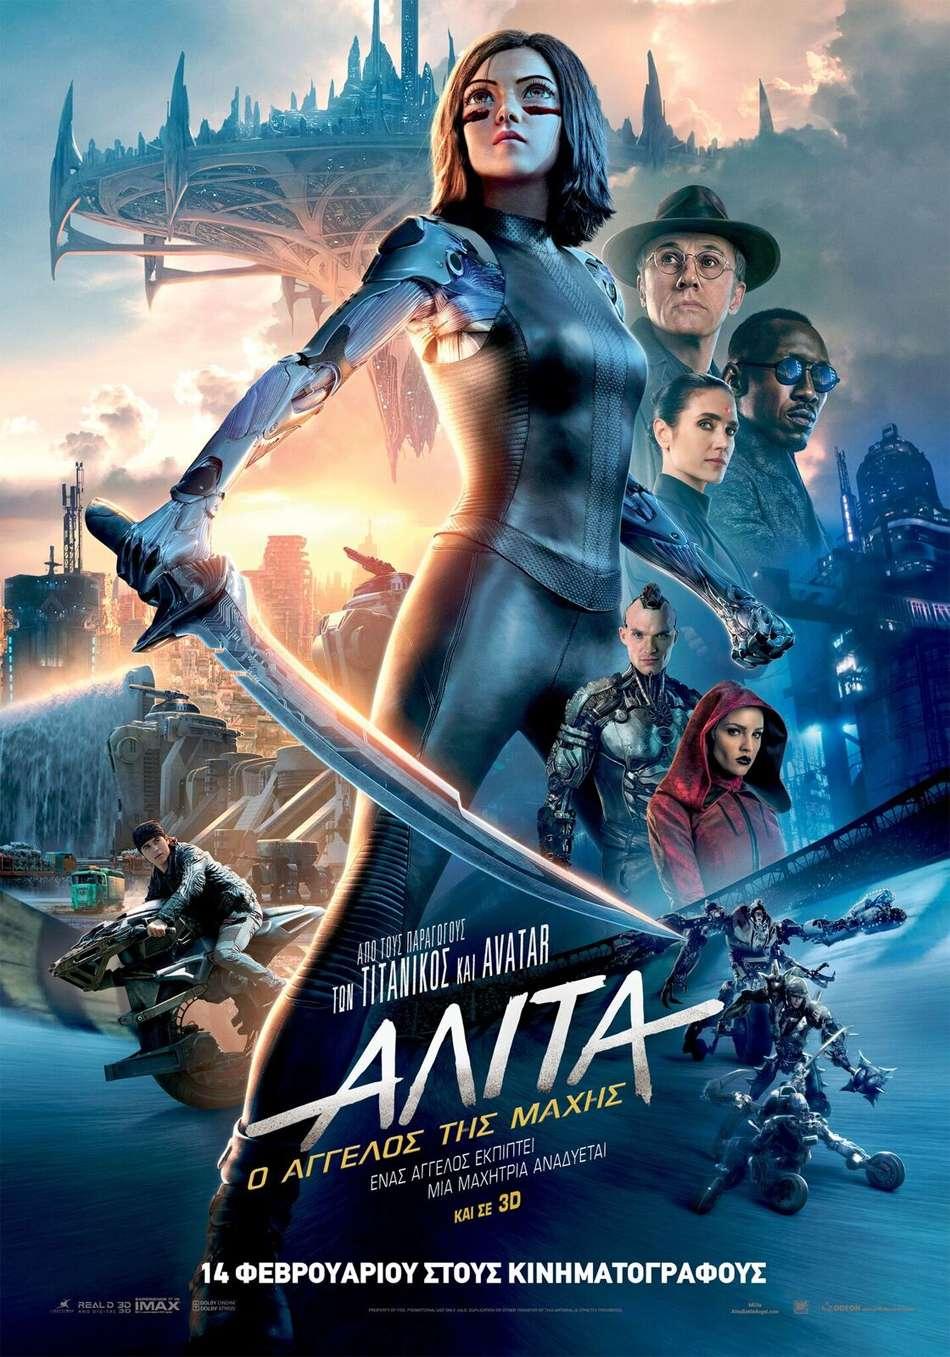 Αλίτα: Ο Άγγελος της Μάχης (Alita: Battle Angel) Poster